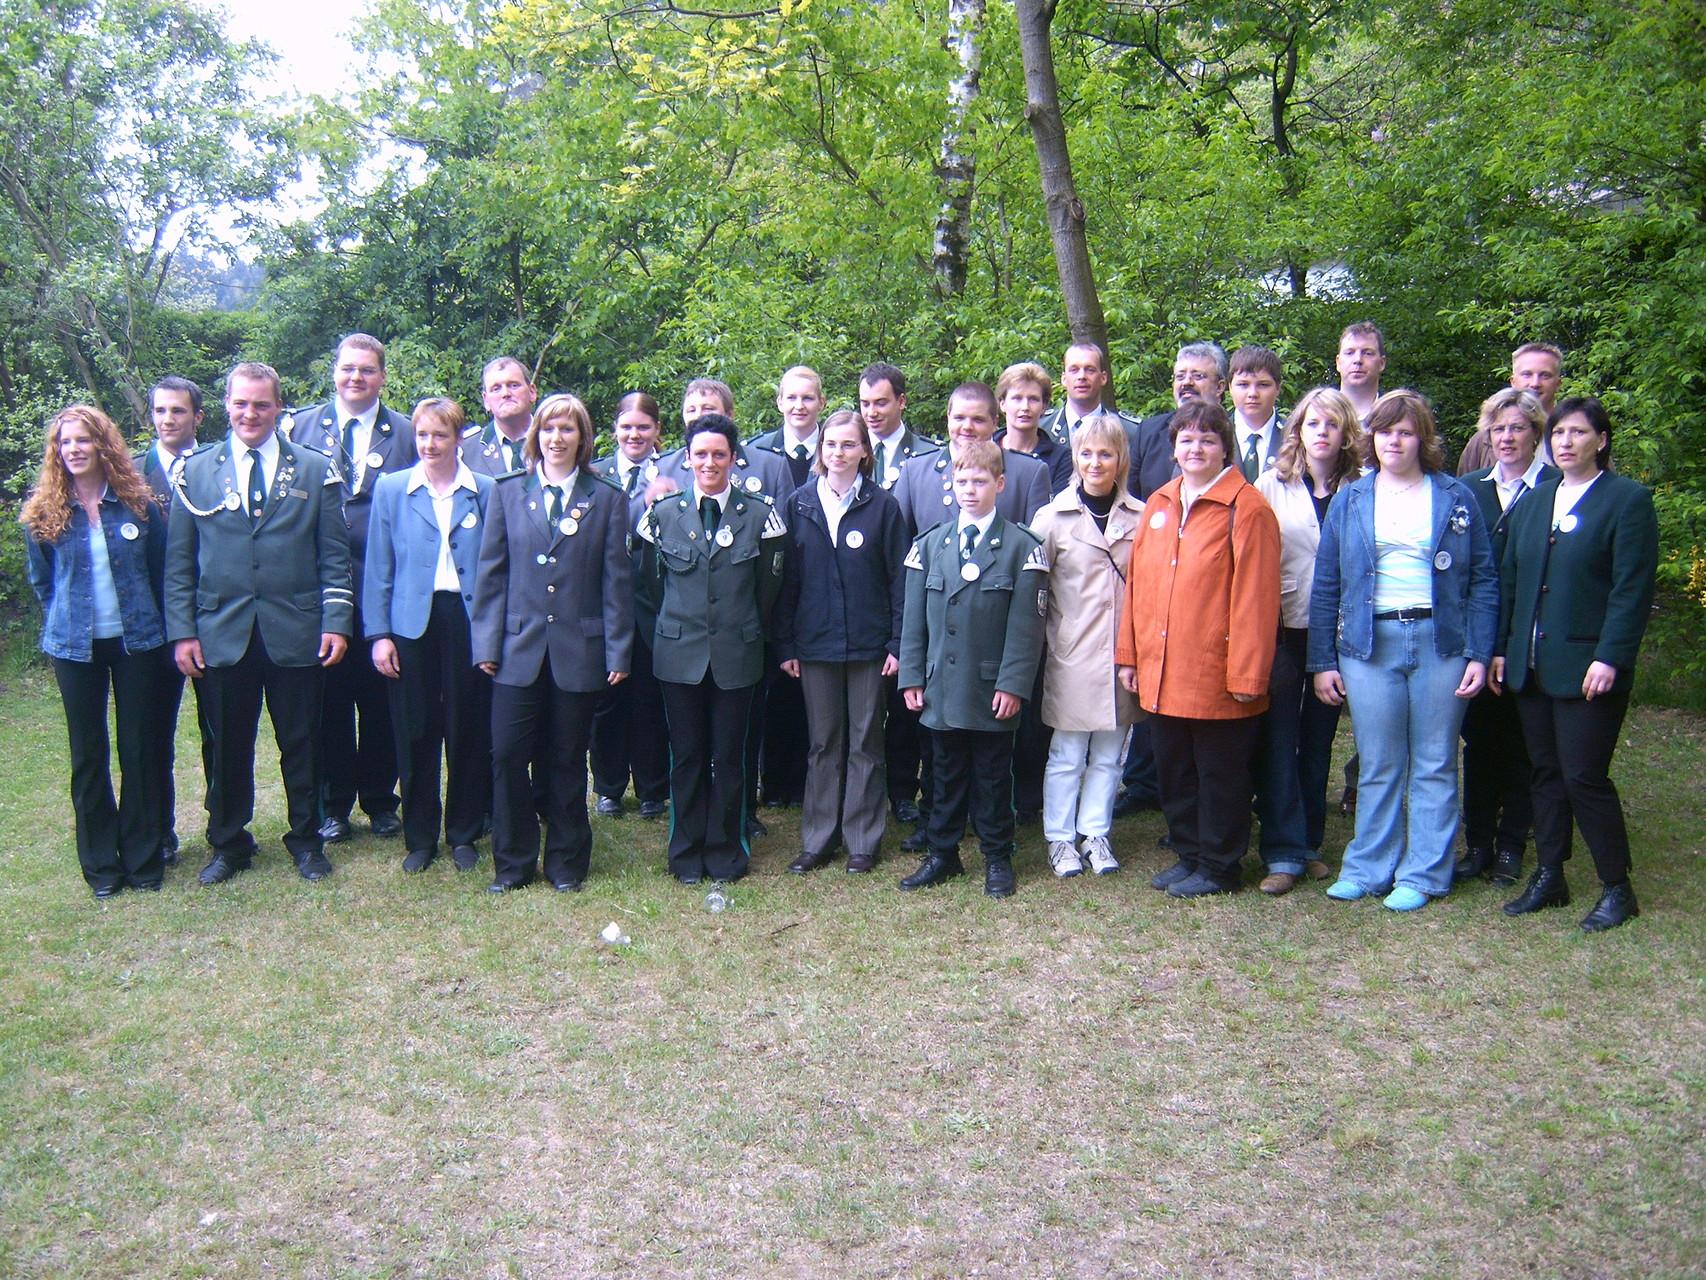 2005 ehemalige Kinderkönige